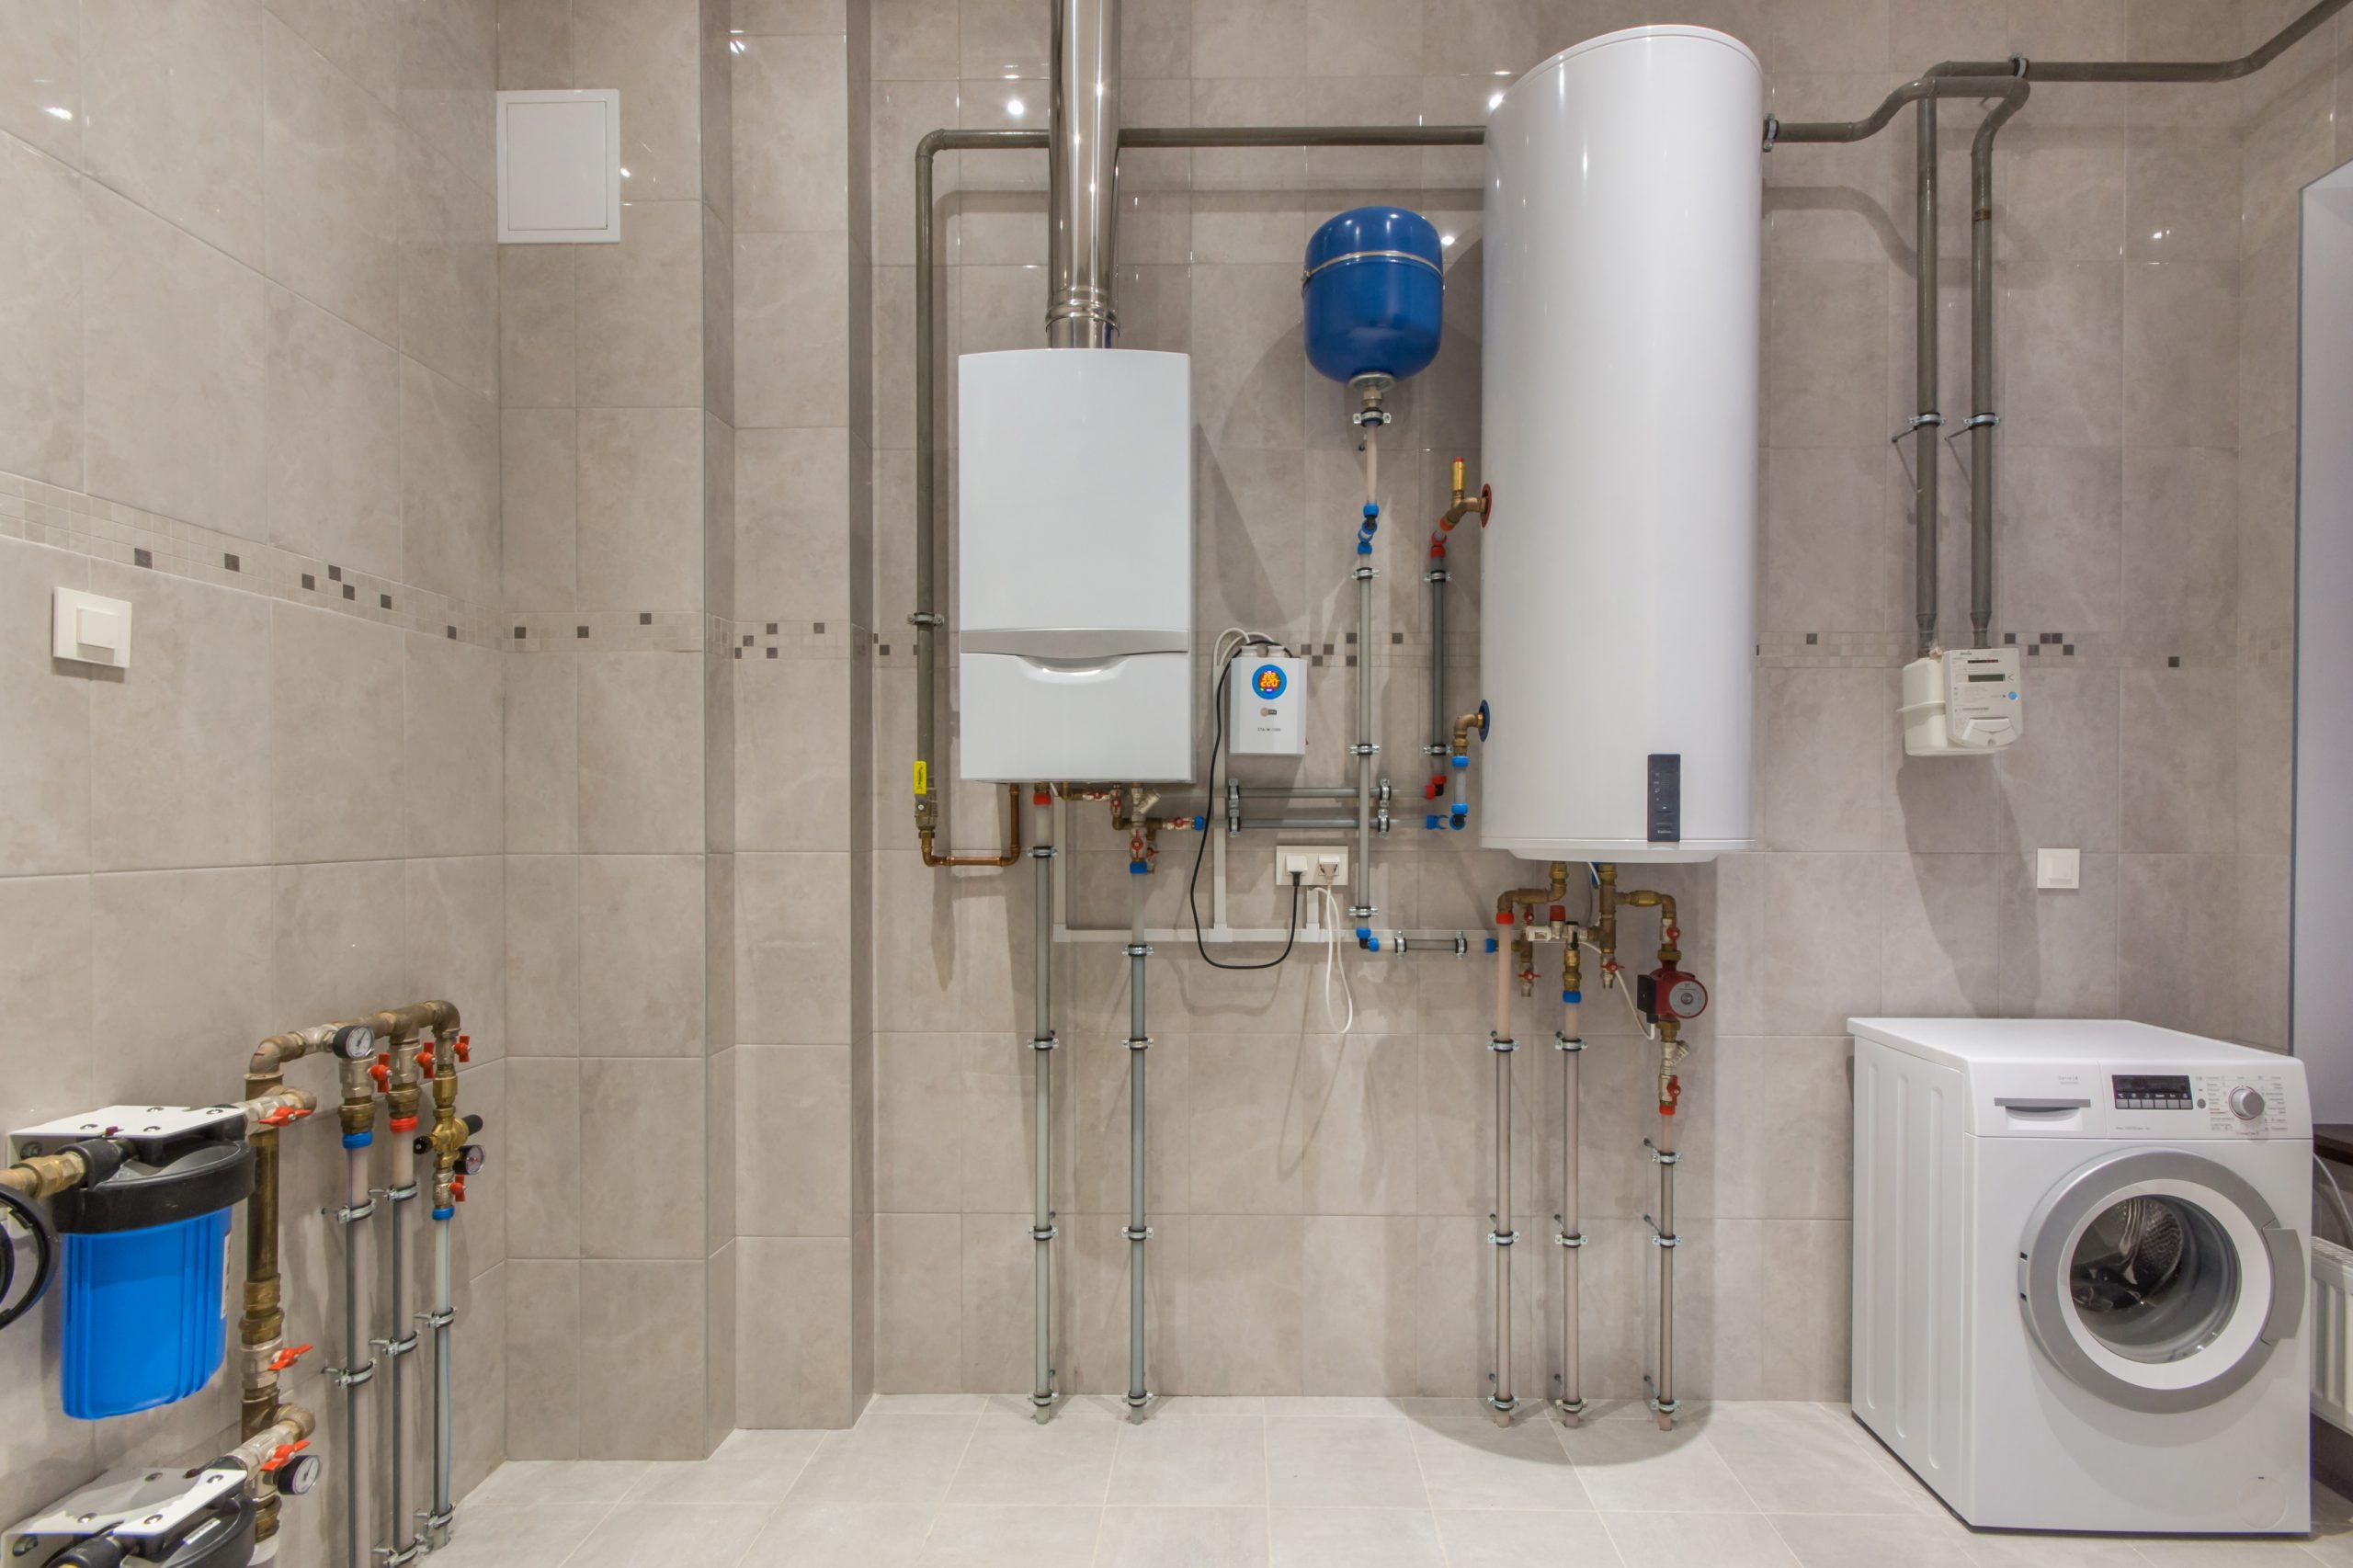 gas boiler water tank